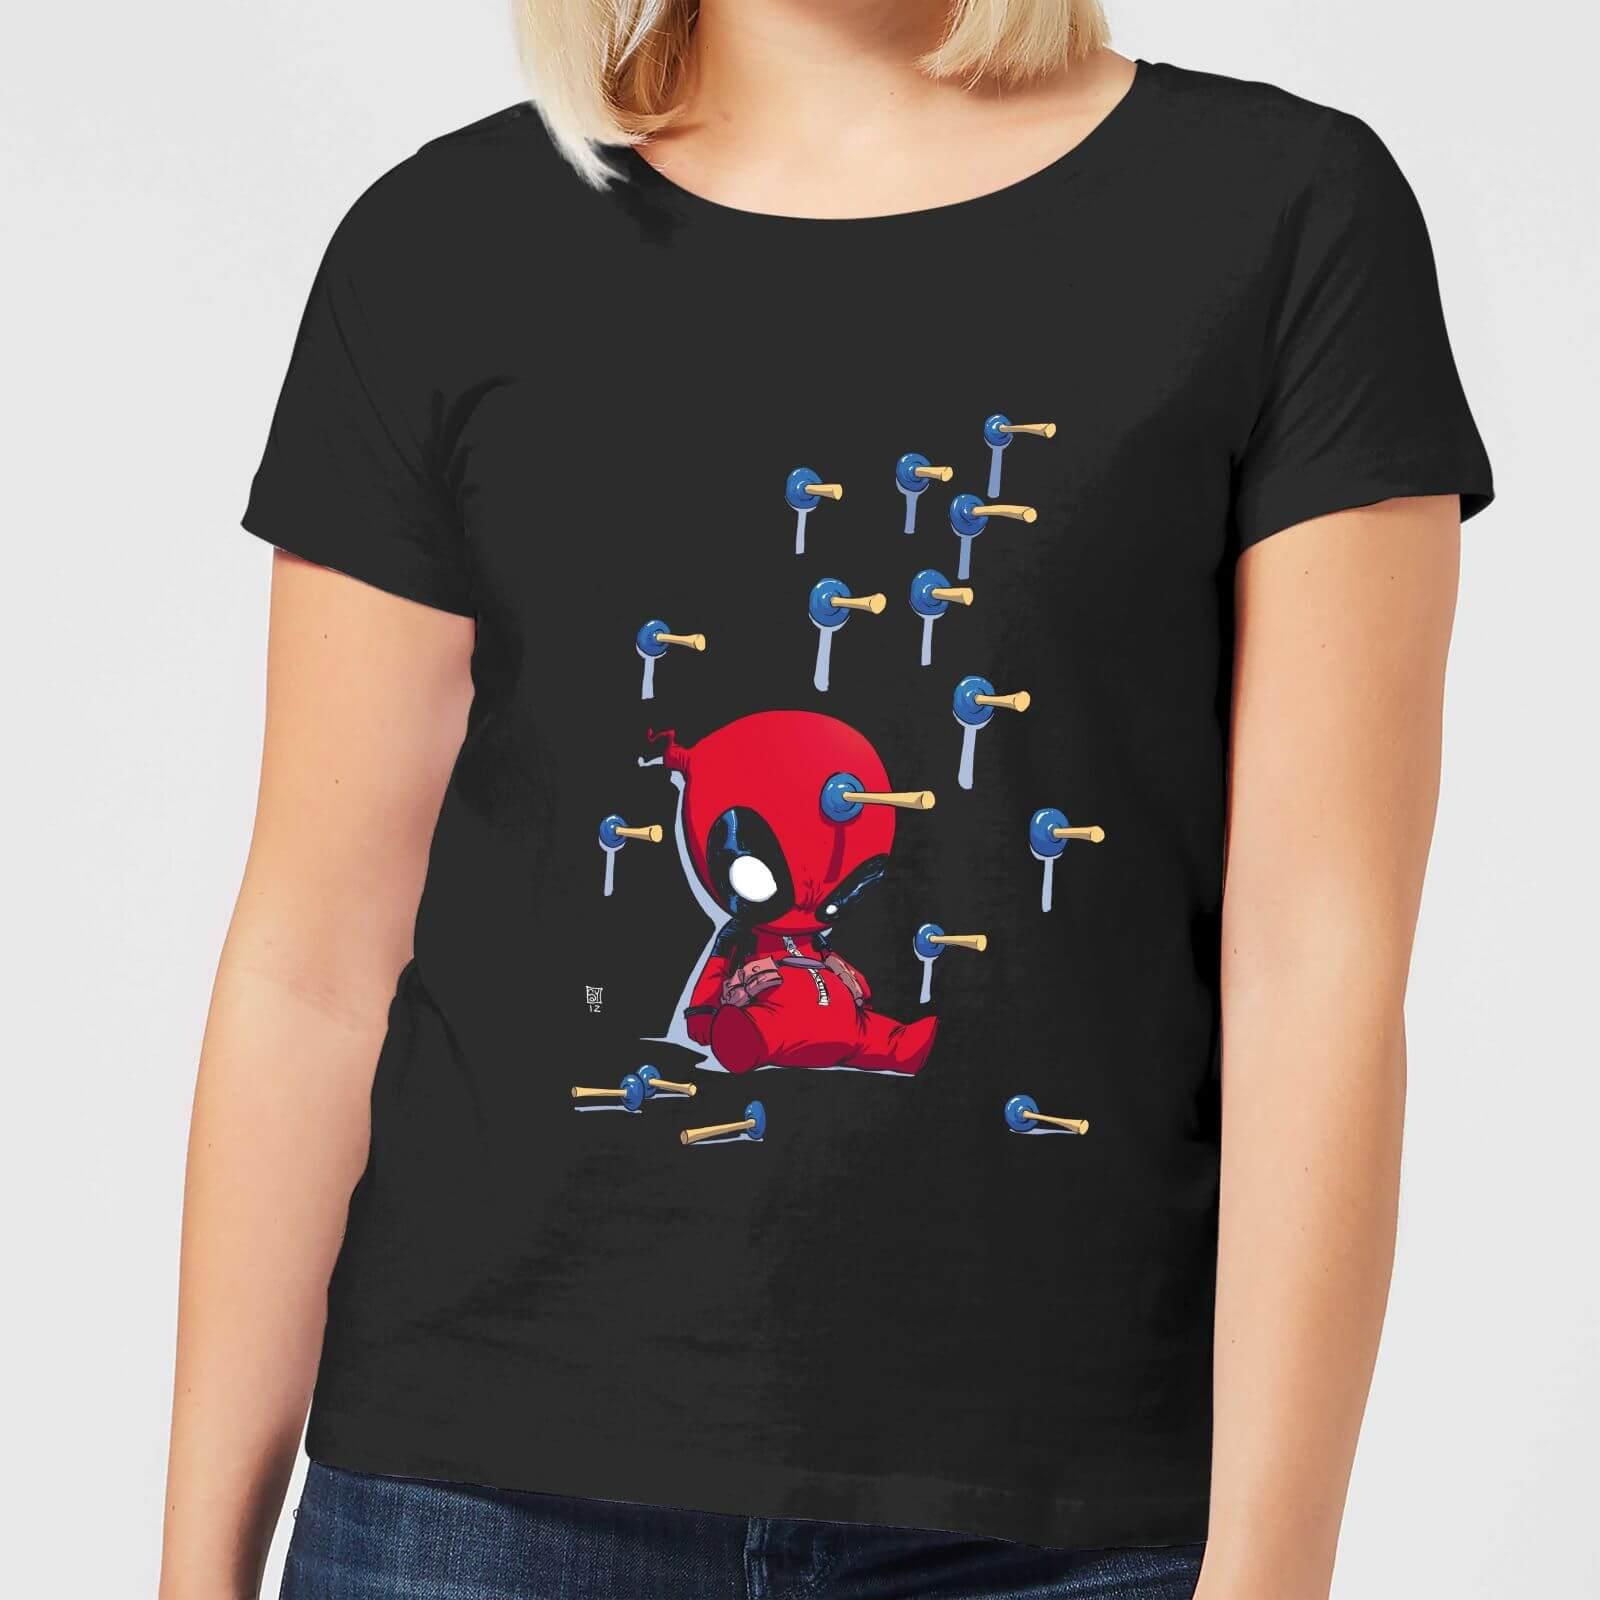 Marvel Deadpool Cartoon Knockout Women's T-Shirt - Black - 4XL - Black